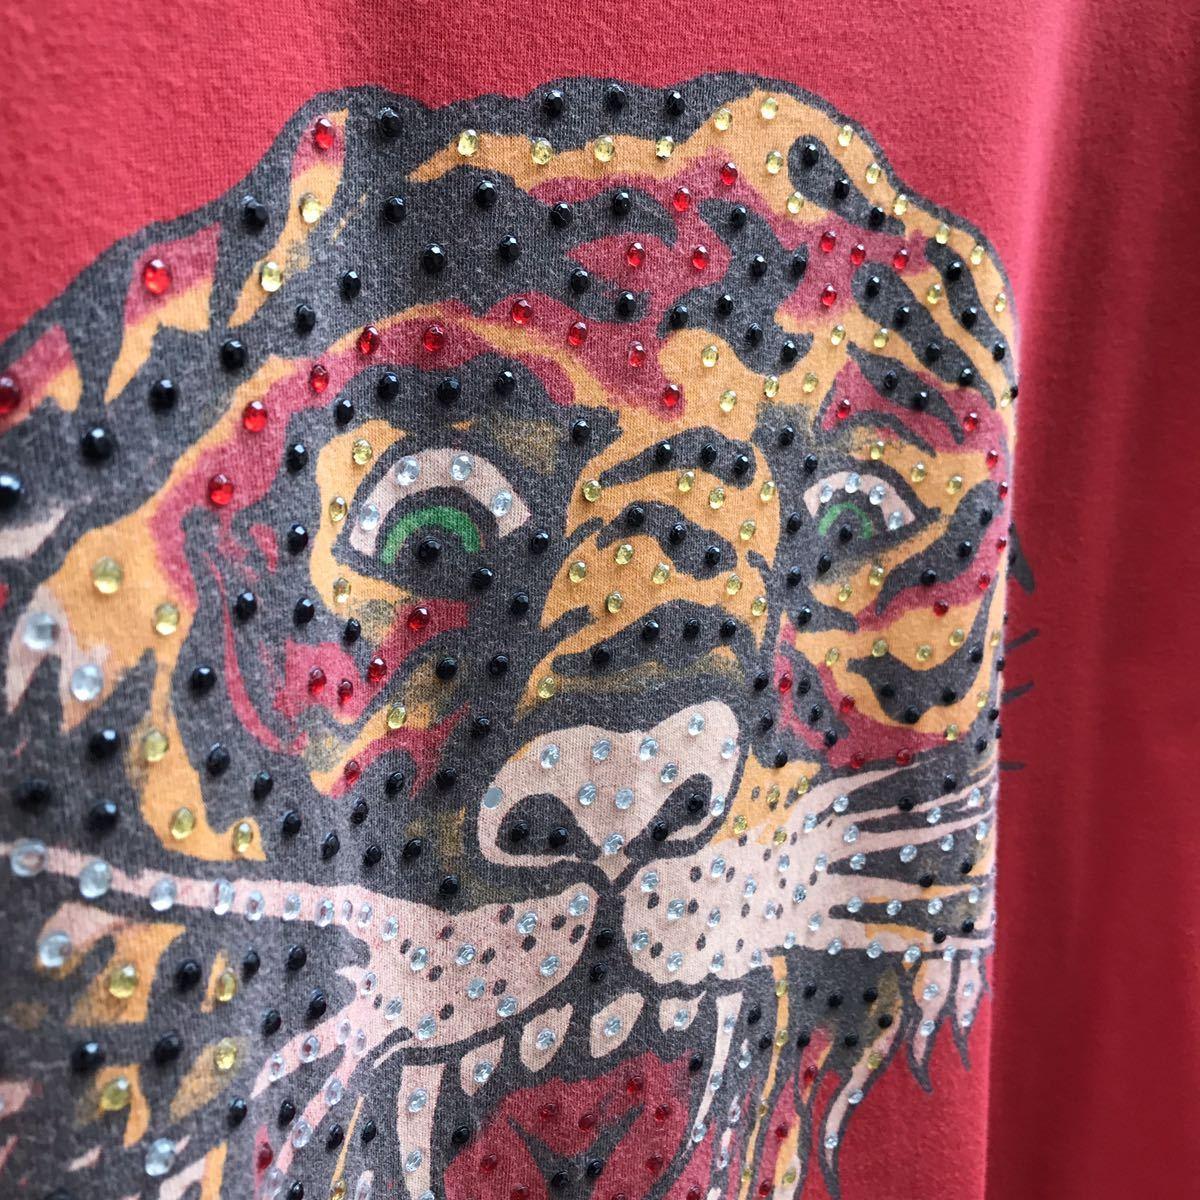 US古着 USA製 Ed Hardy プリントTシャツ アニマル柄 トラ柄 入れ墨 タトゥー タトゥー柄 半袖Tシャツ エドハーディー アメリカ製 XLサイズ_画像7